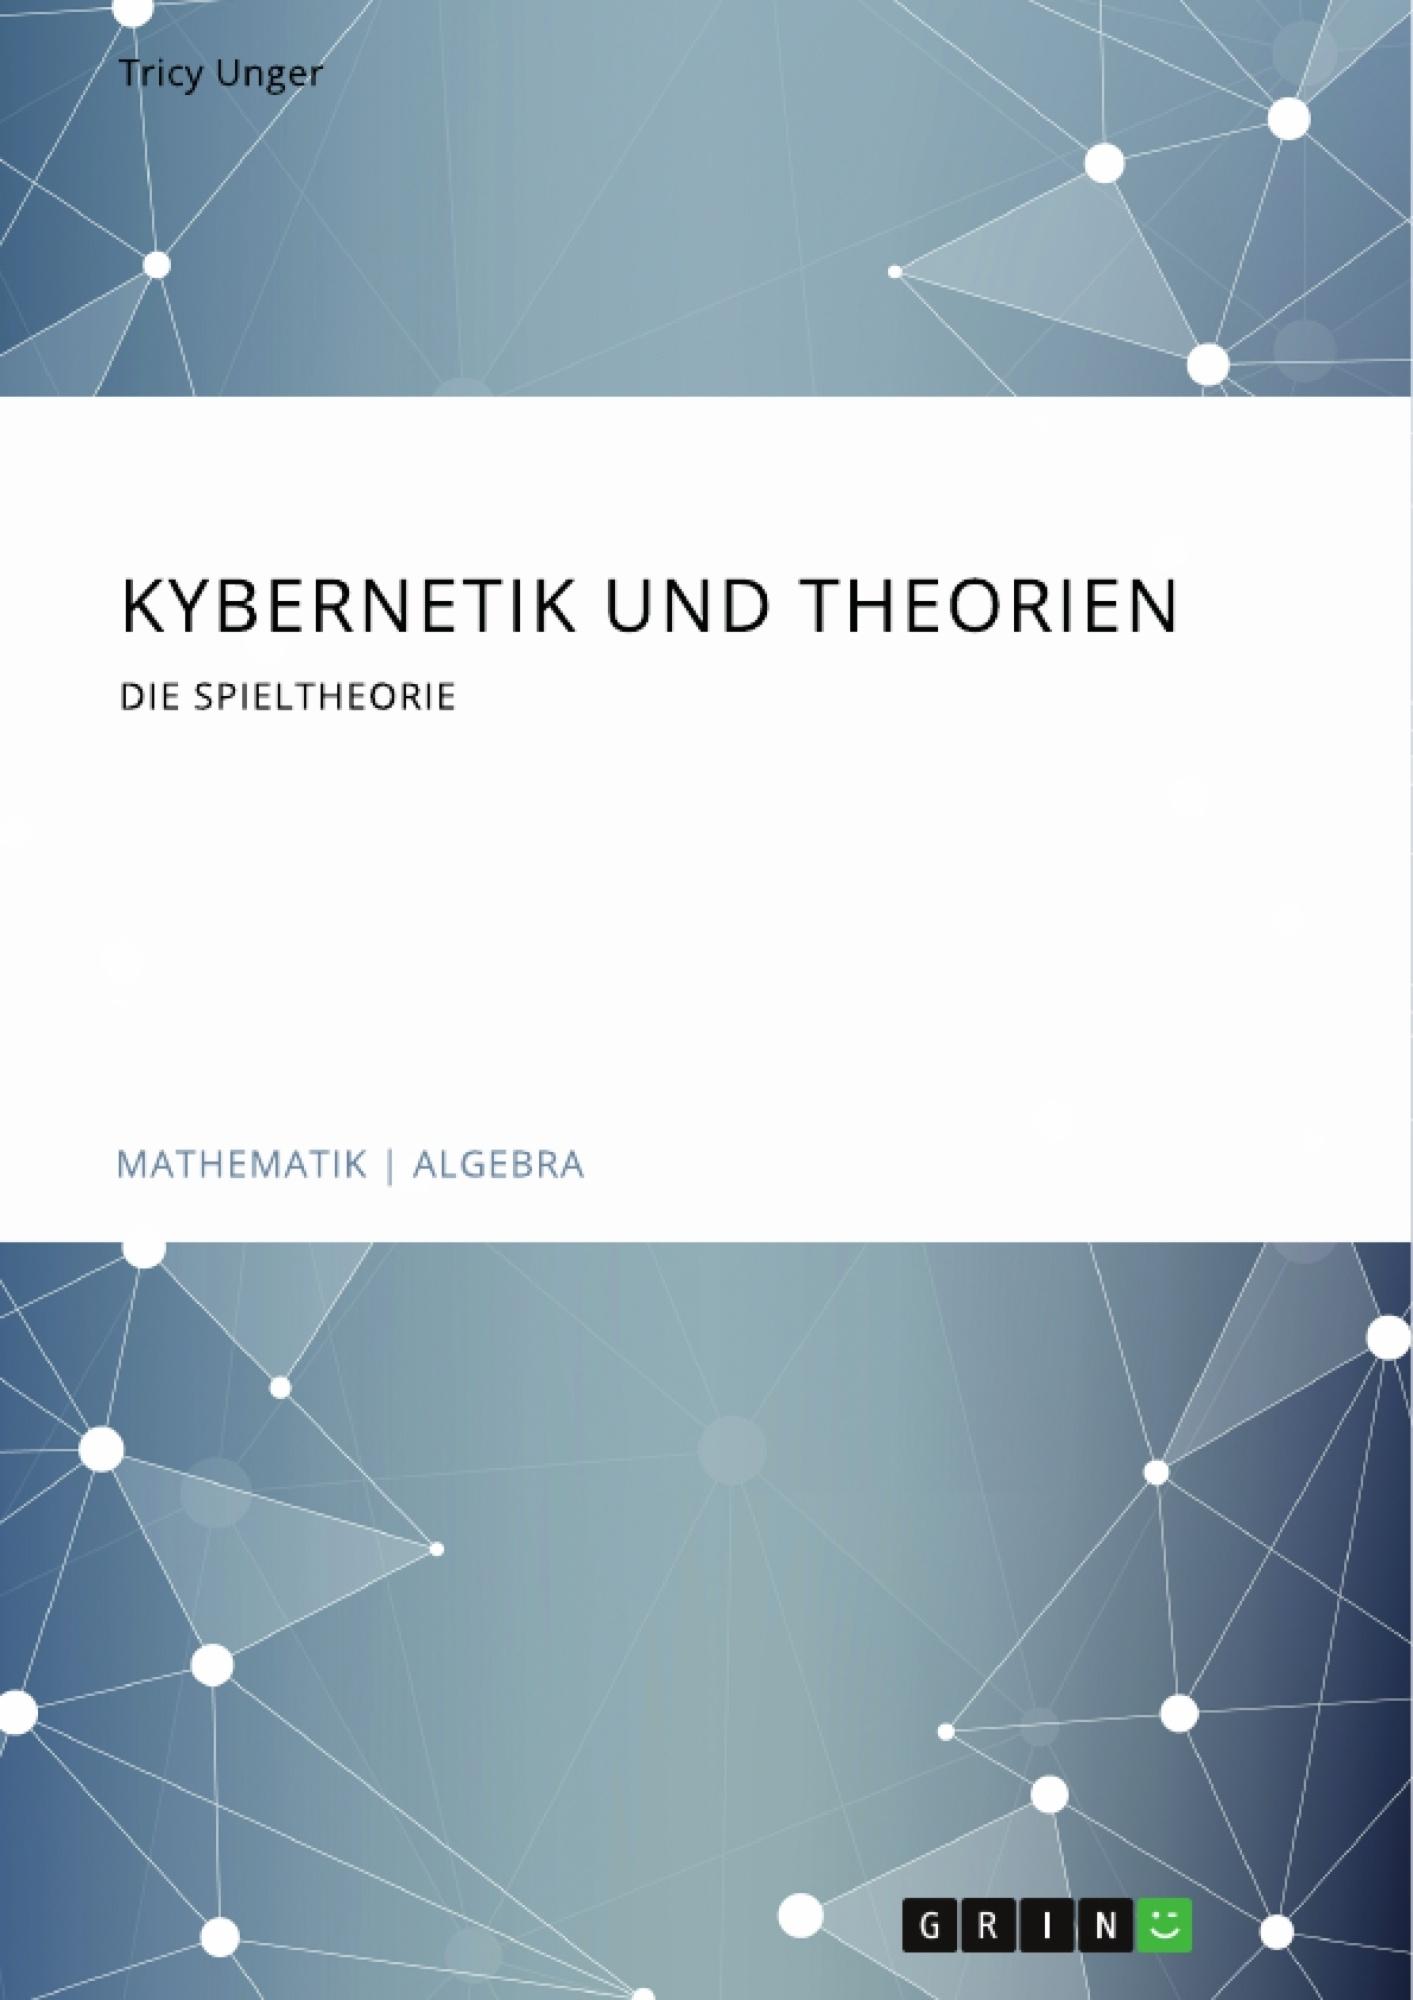 Titel: Kybernetik und Theorien. Die Spieltheorie